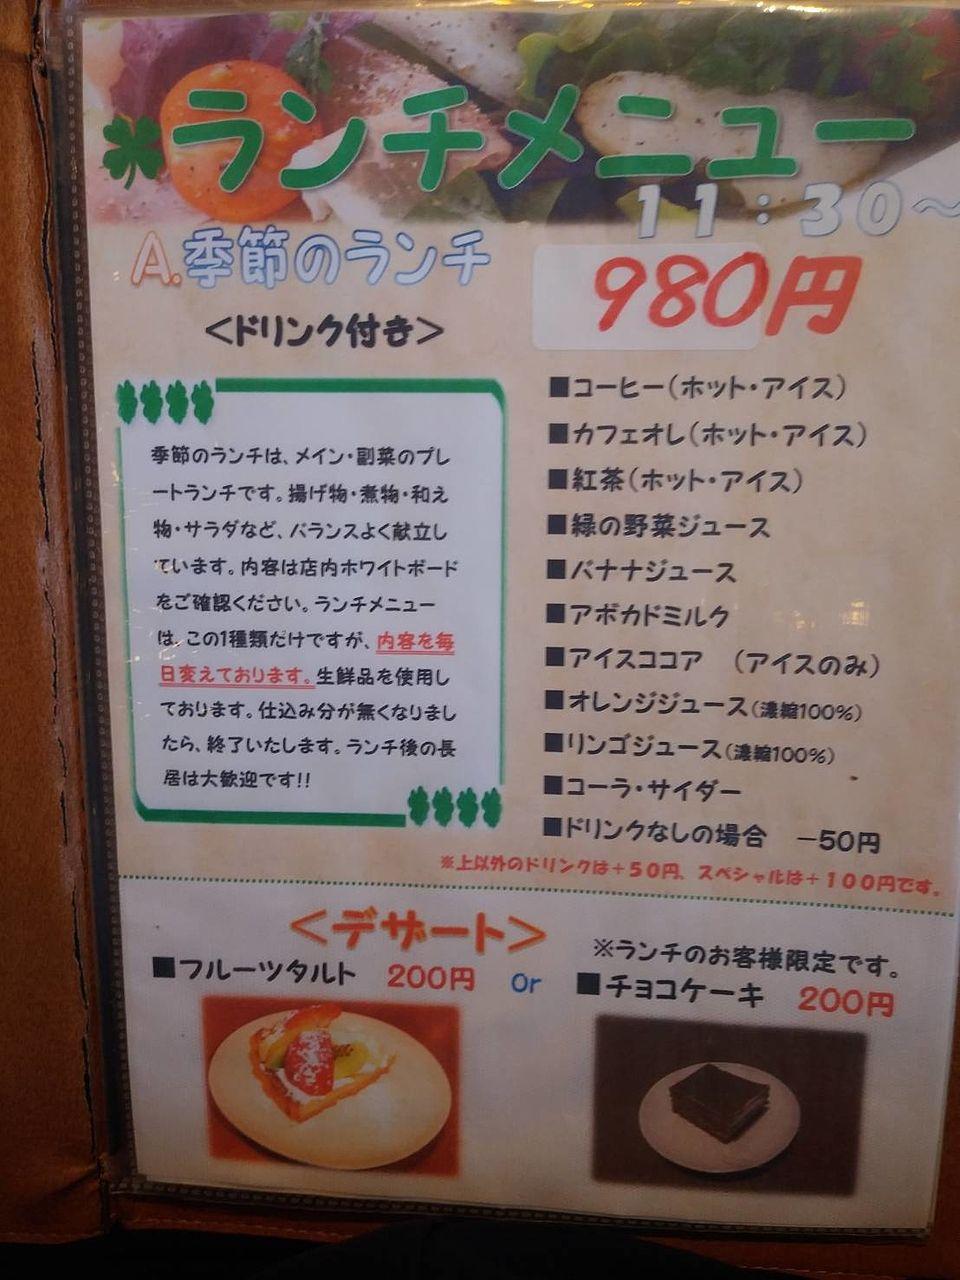 ドリンク付きで980円 プレートに盛り付けられた料理を見れば、地域に合わせたギリギリの料金設定に感謝です。メニューも客層に合わせてかわいらしく作れていて〇です。